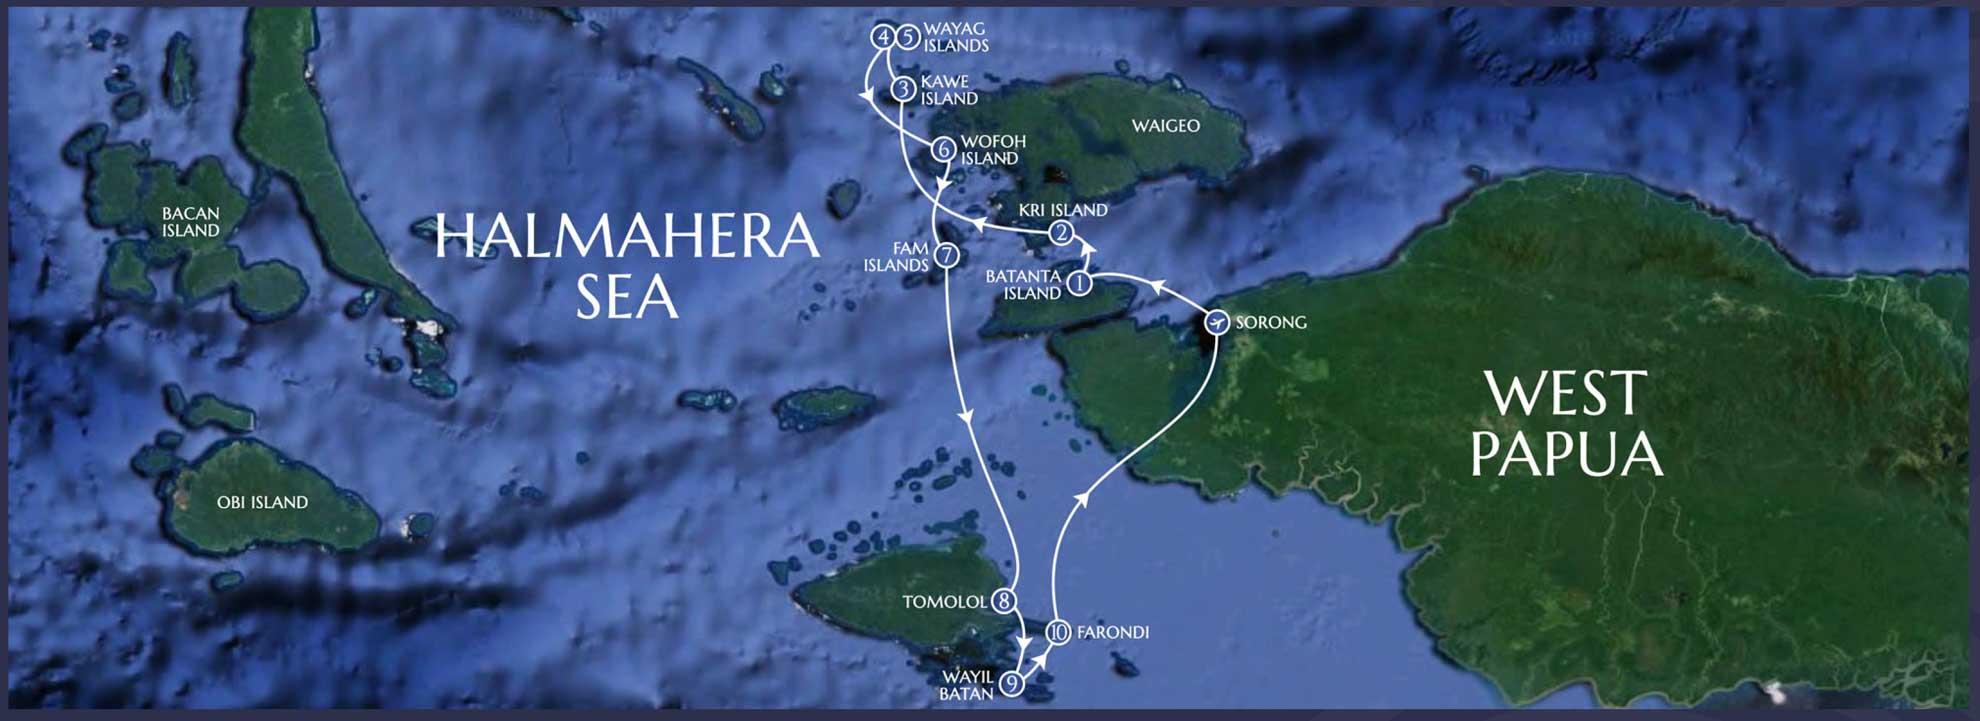 Lamima Itinerary - Greater Raja Ampat - 10 Nights